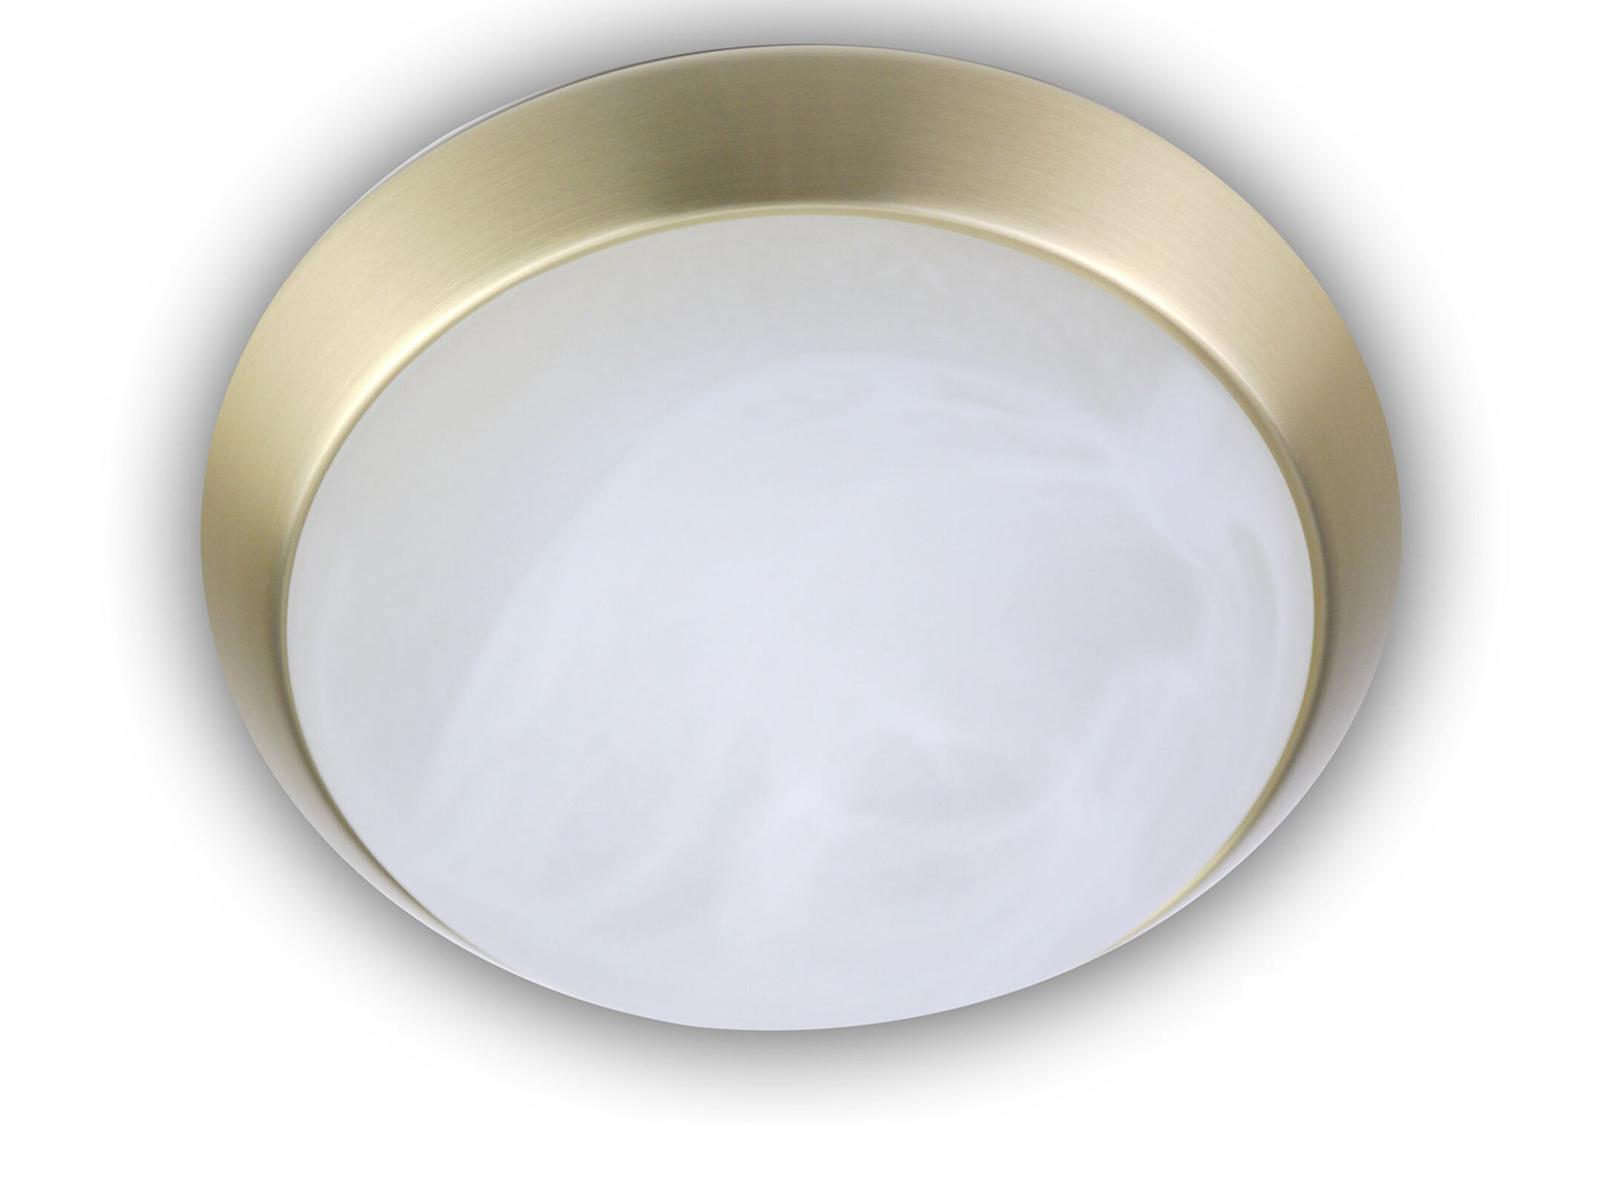 Korridorleuchte Dekorring Nickel matt Ø 35cm Deckenleuchte rund Alabasterglas